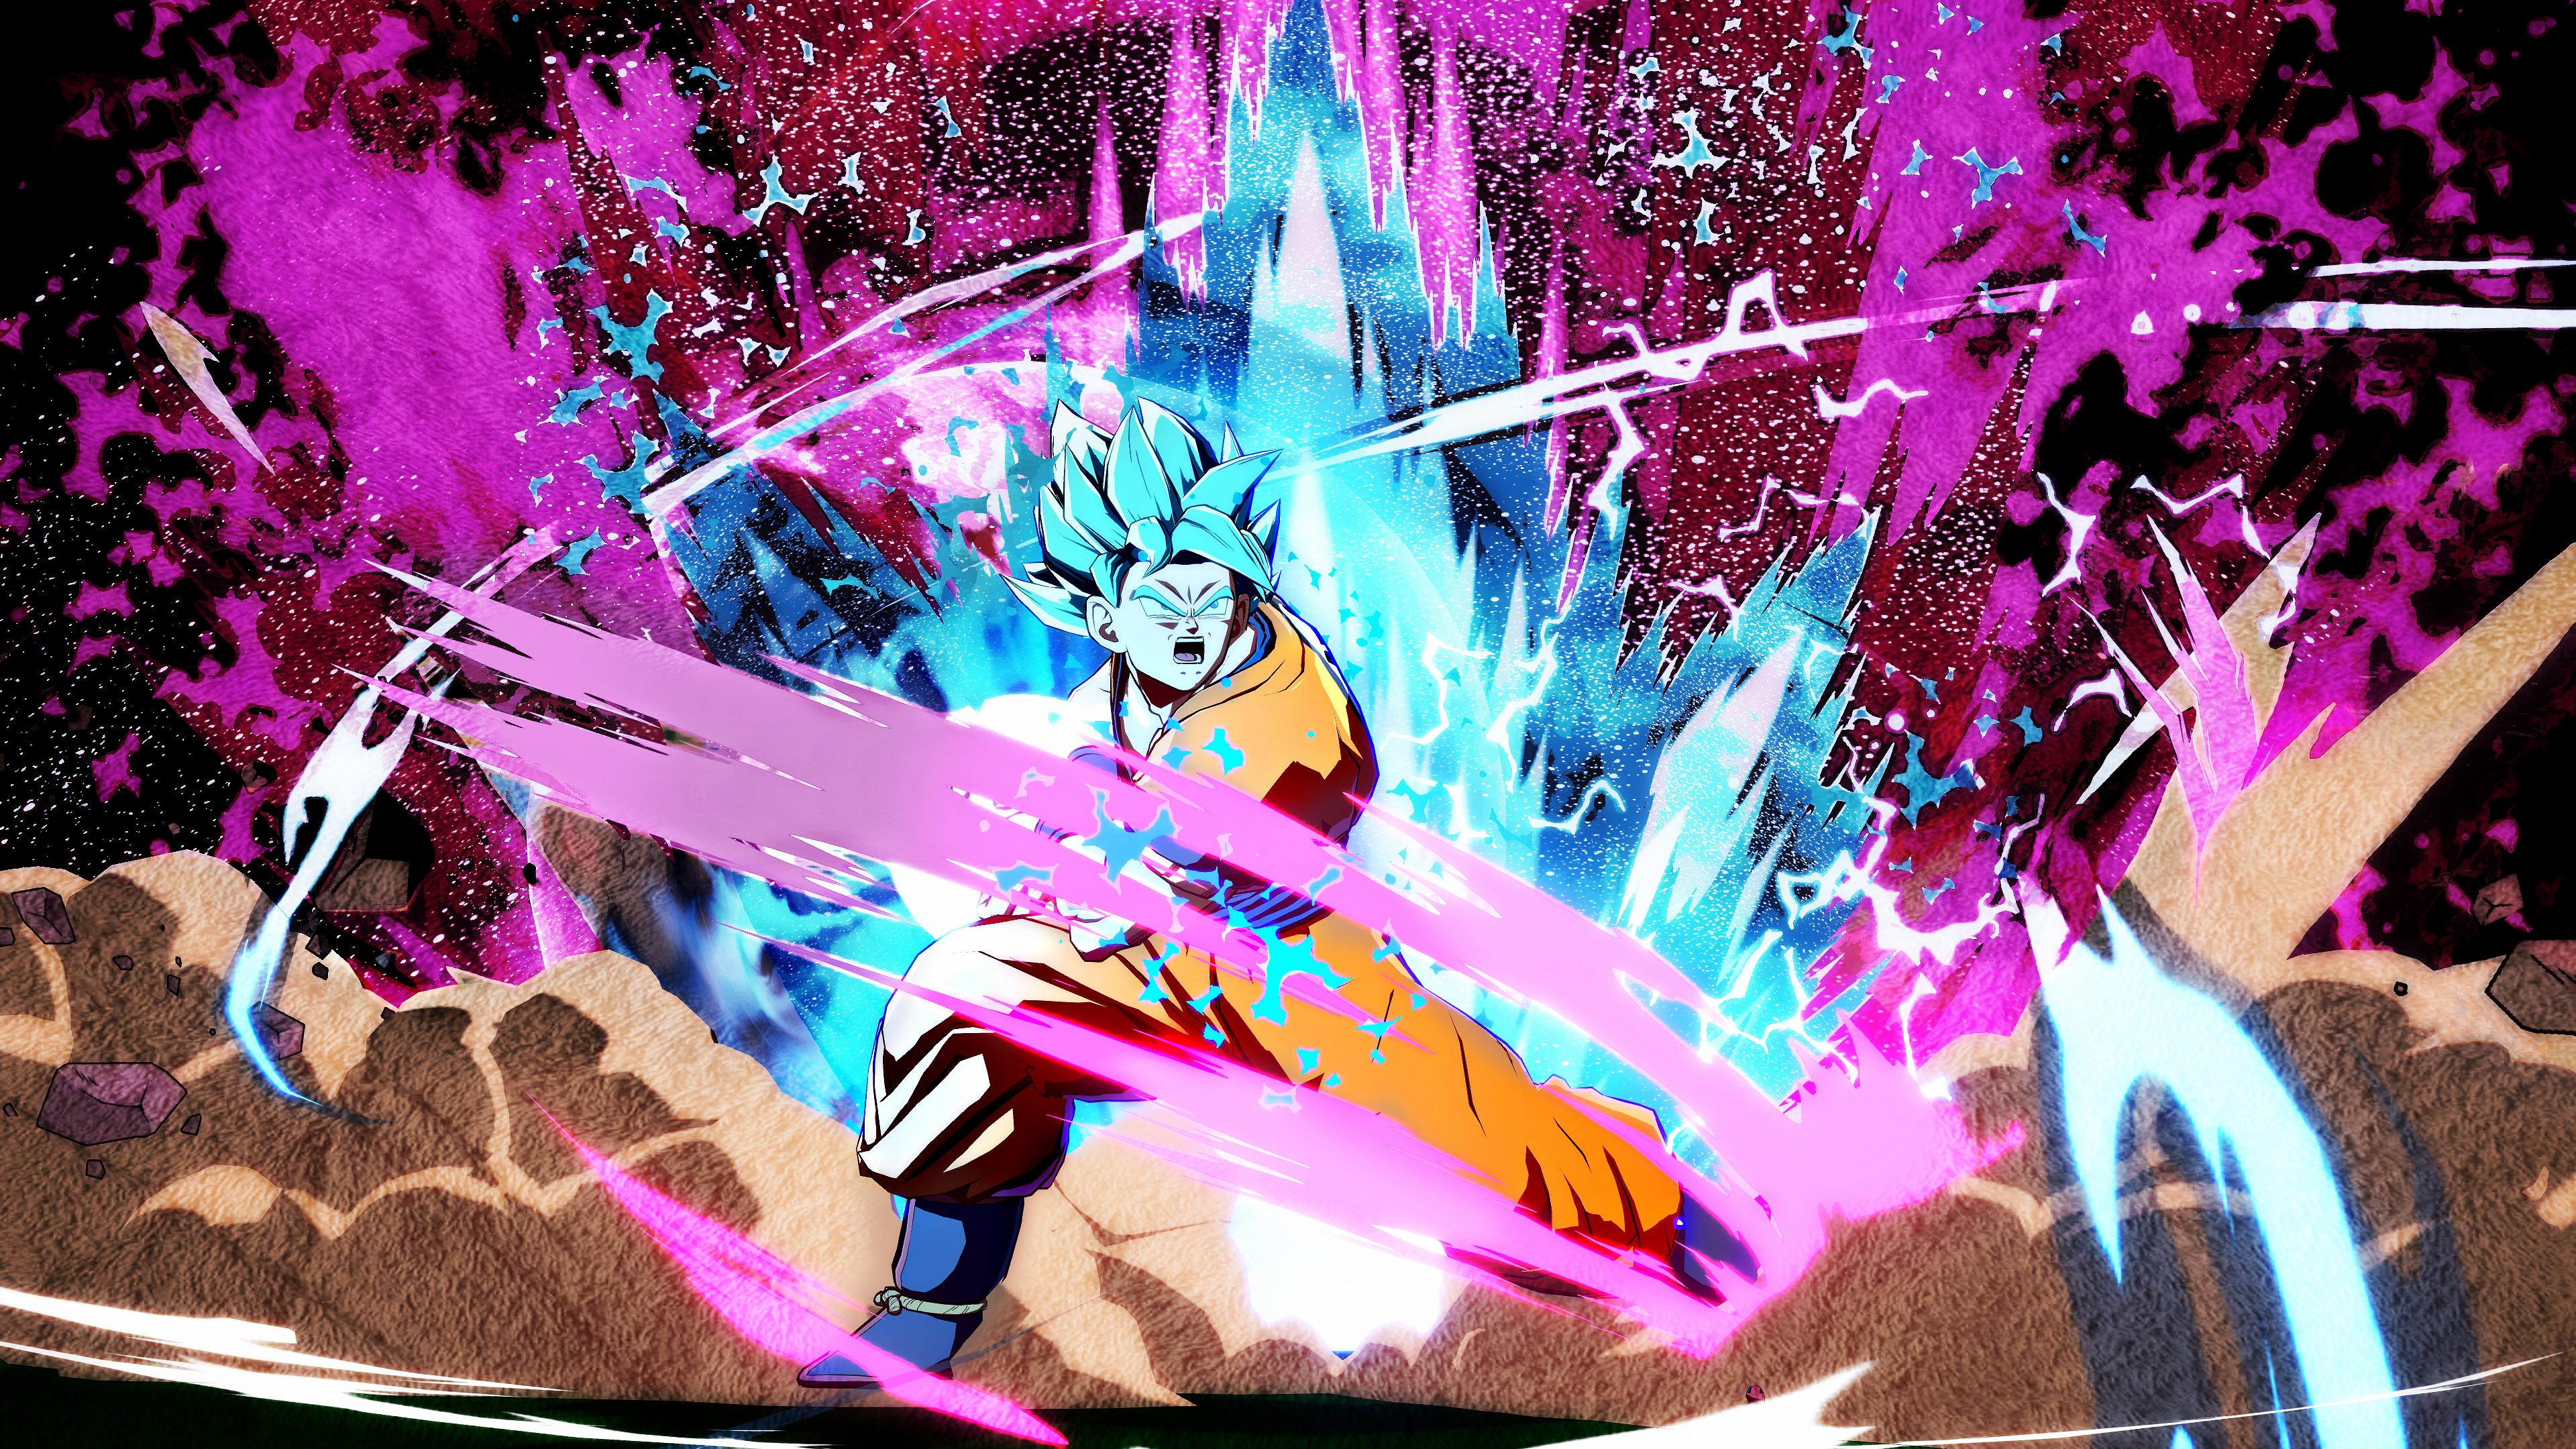 Son Goku Ssj Blue 4k Wallpaper Dragonballfighterz